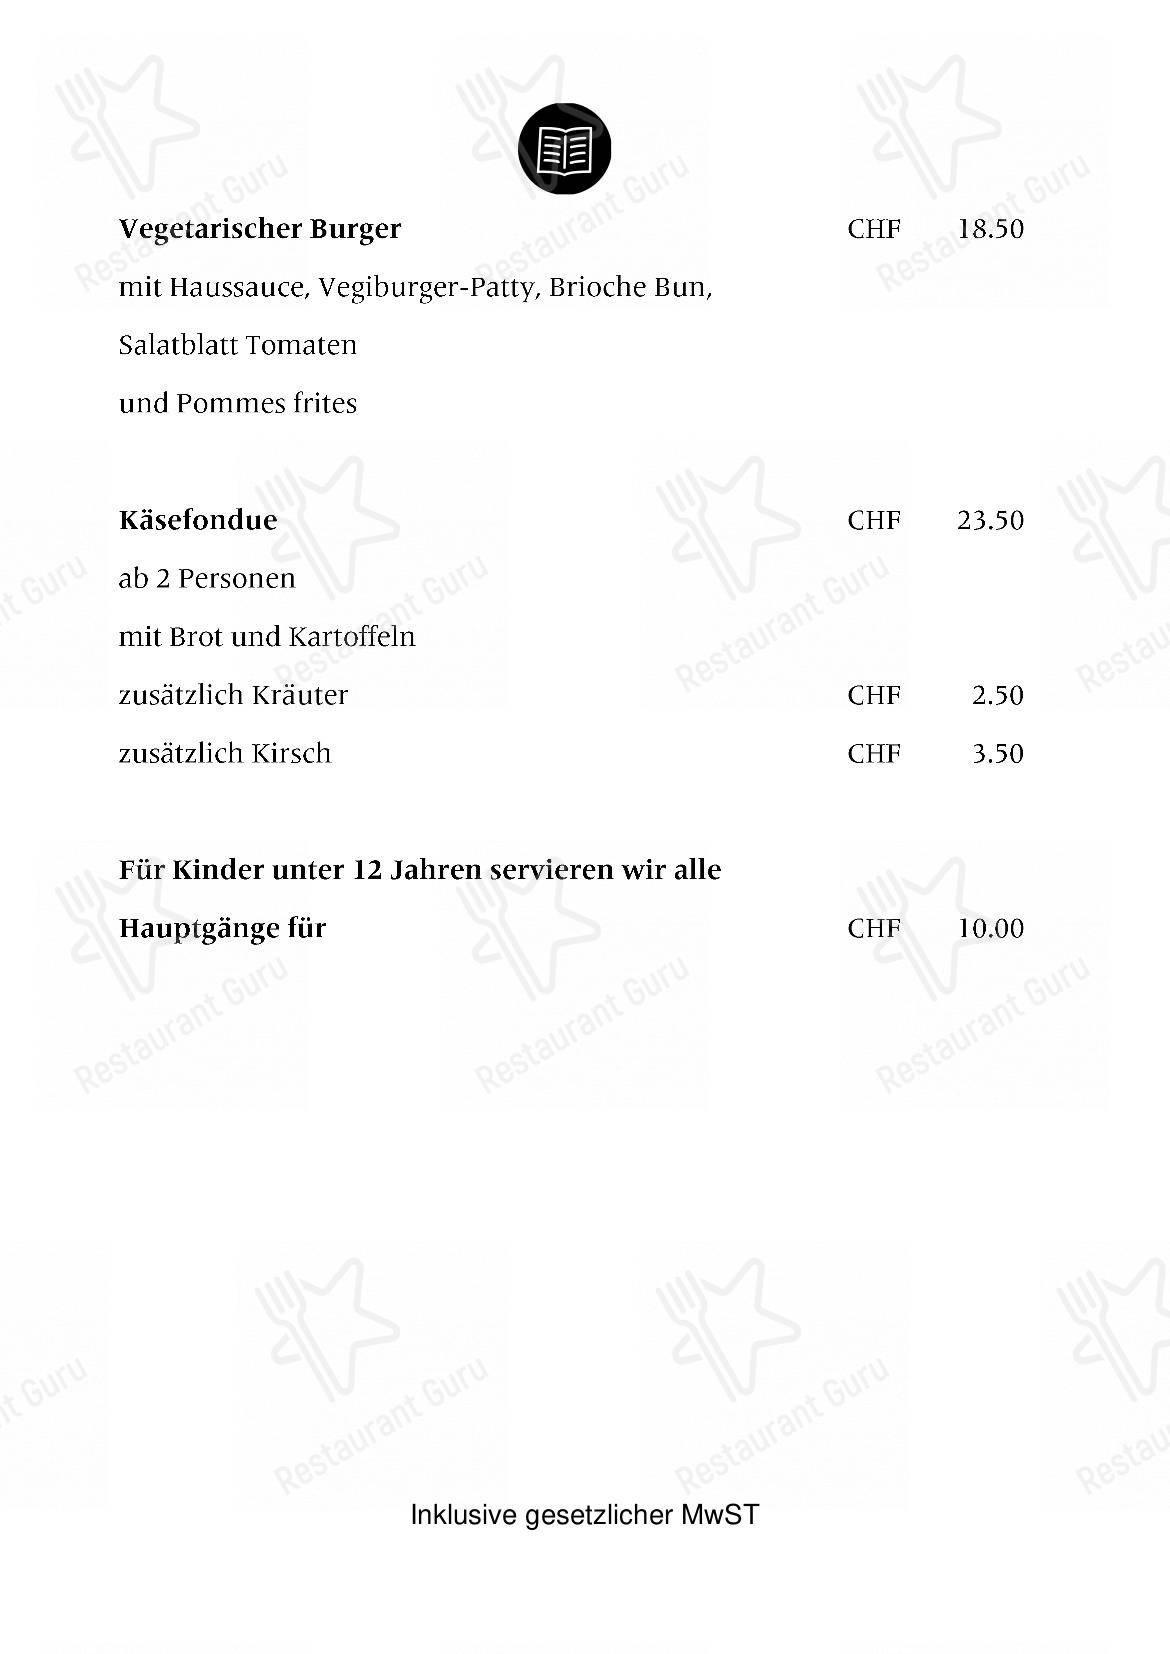 Stadtbistro Brig Speisekarte - Essen und Getränke